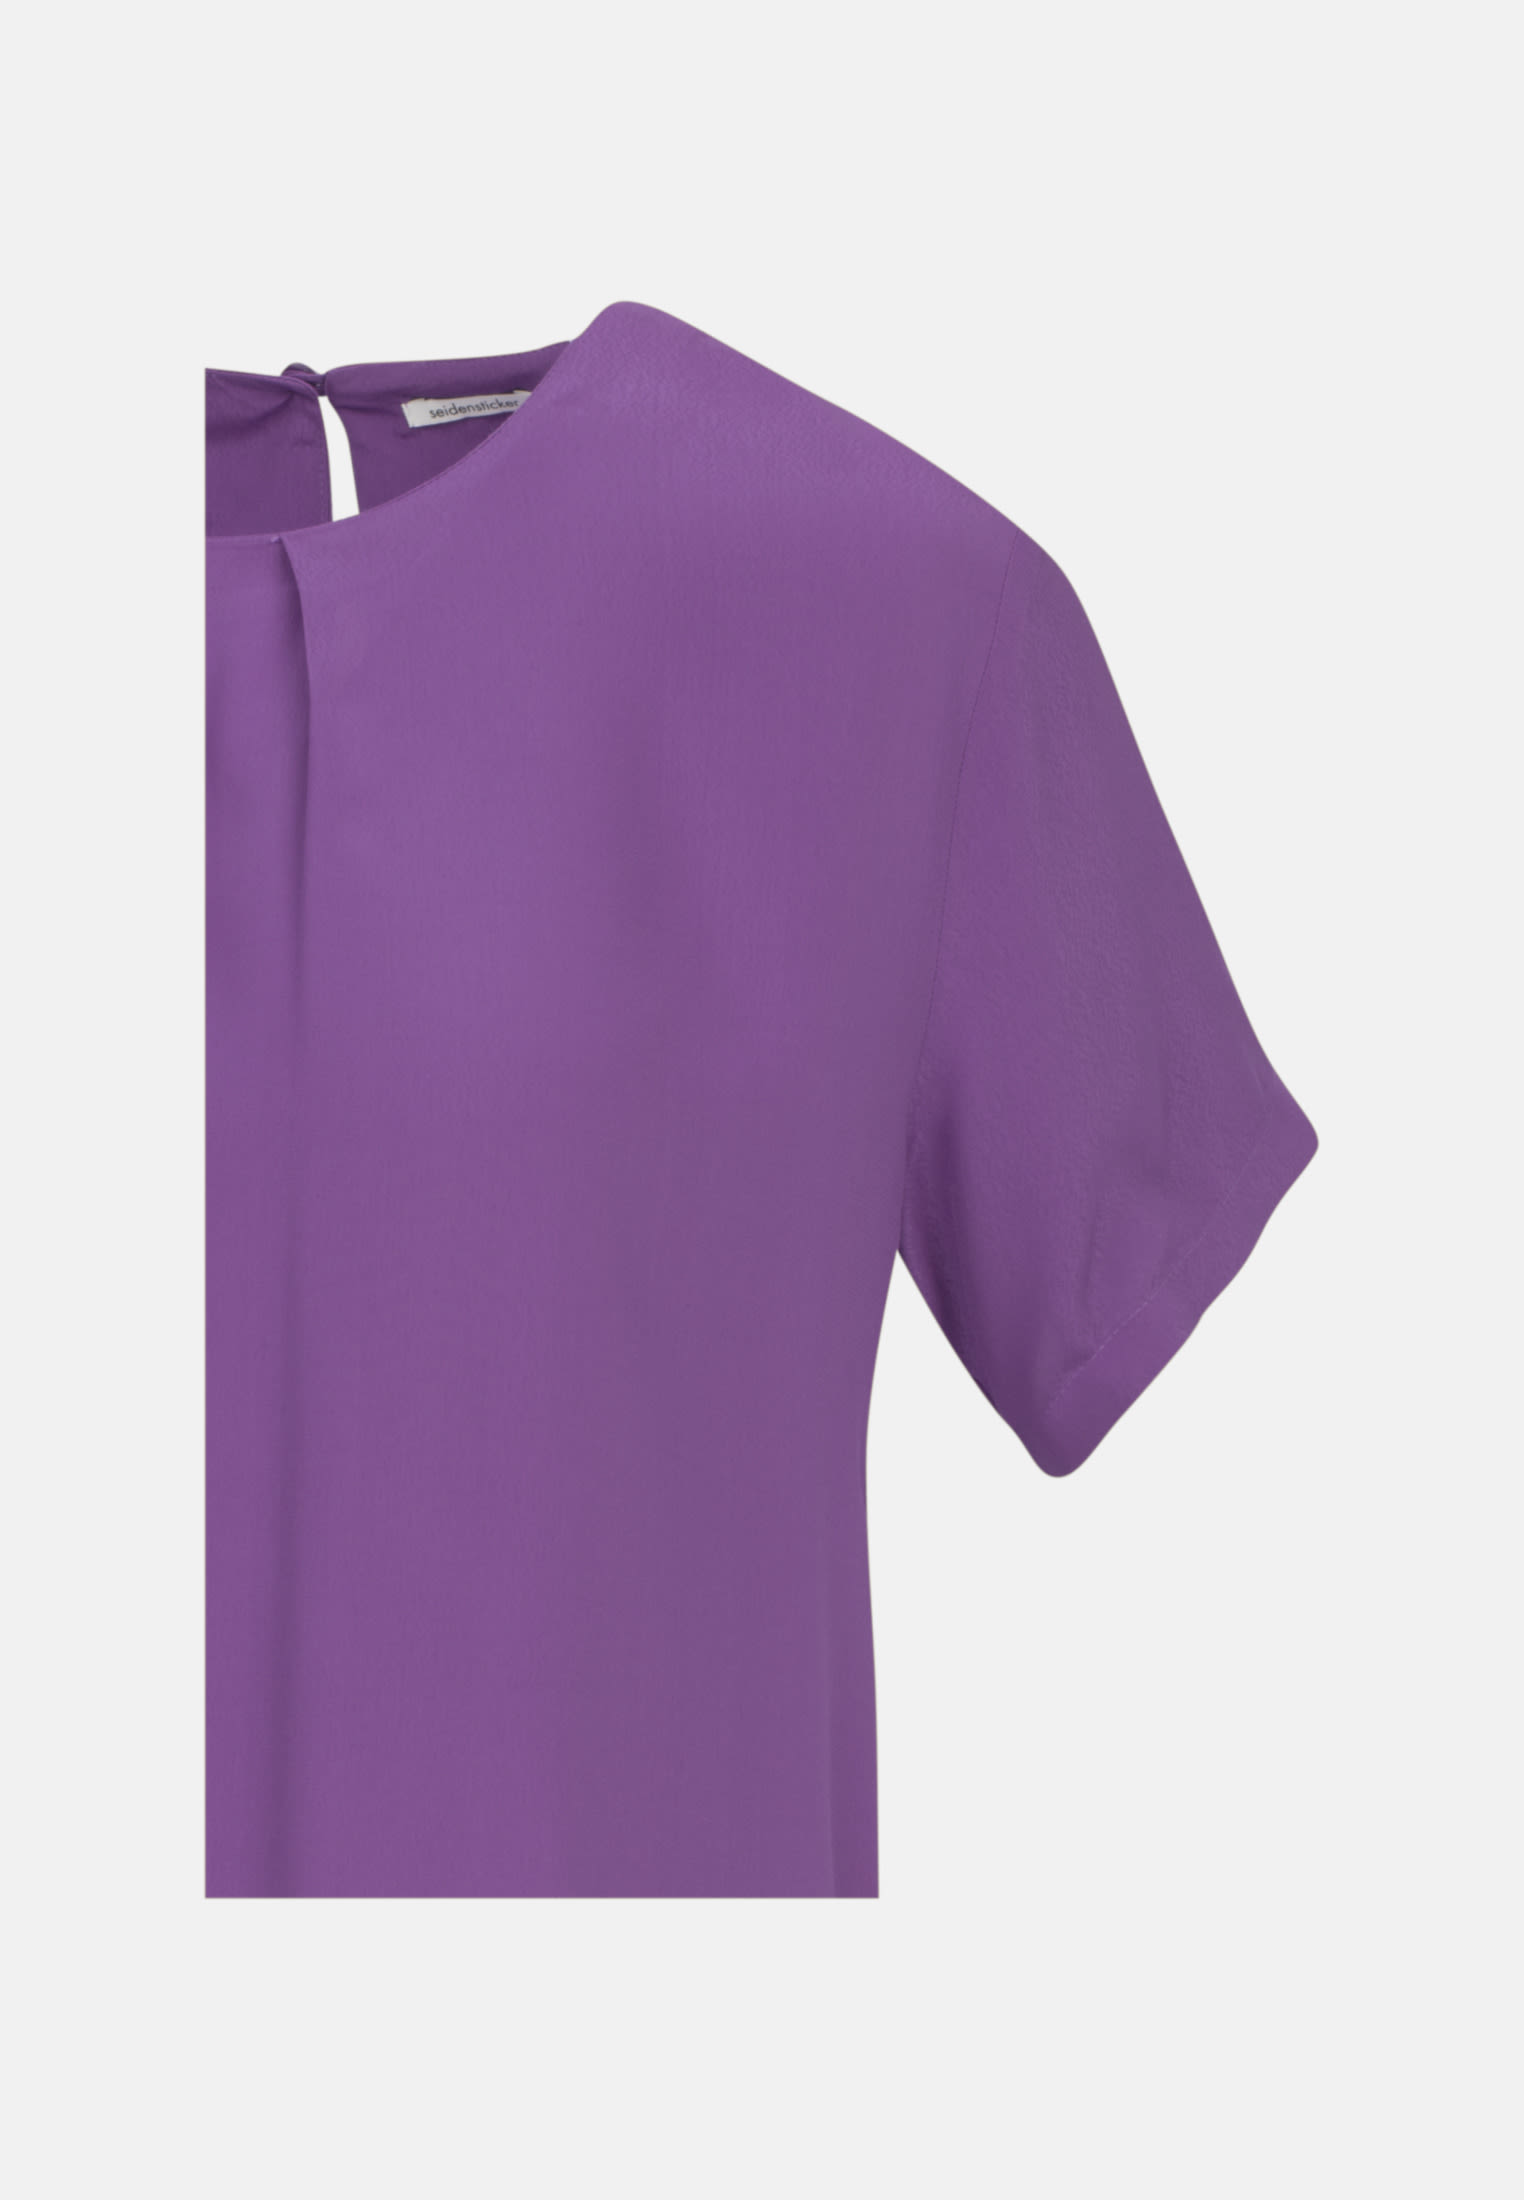 Kurzarm Popeline Shirtbluse aus 100% Viskose in Lila |  Seidensticker Onlineshop